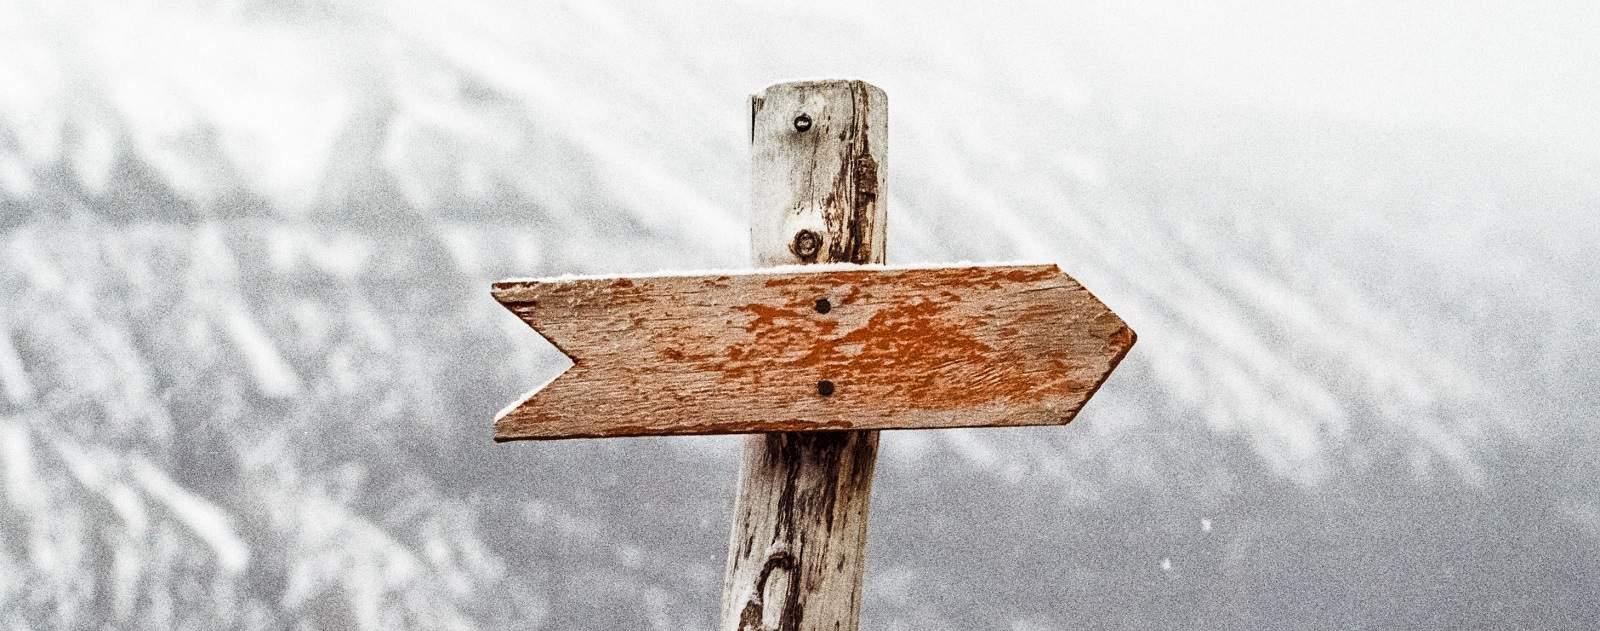 Situationeel leiderschap: een inleiding voor startende leiders